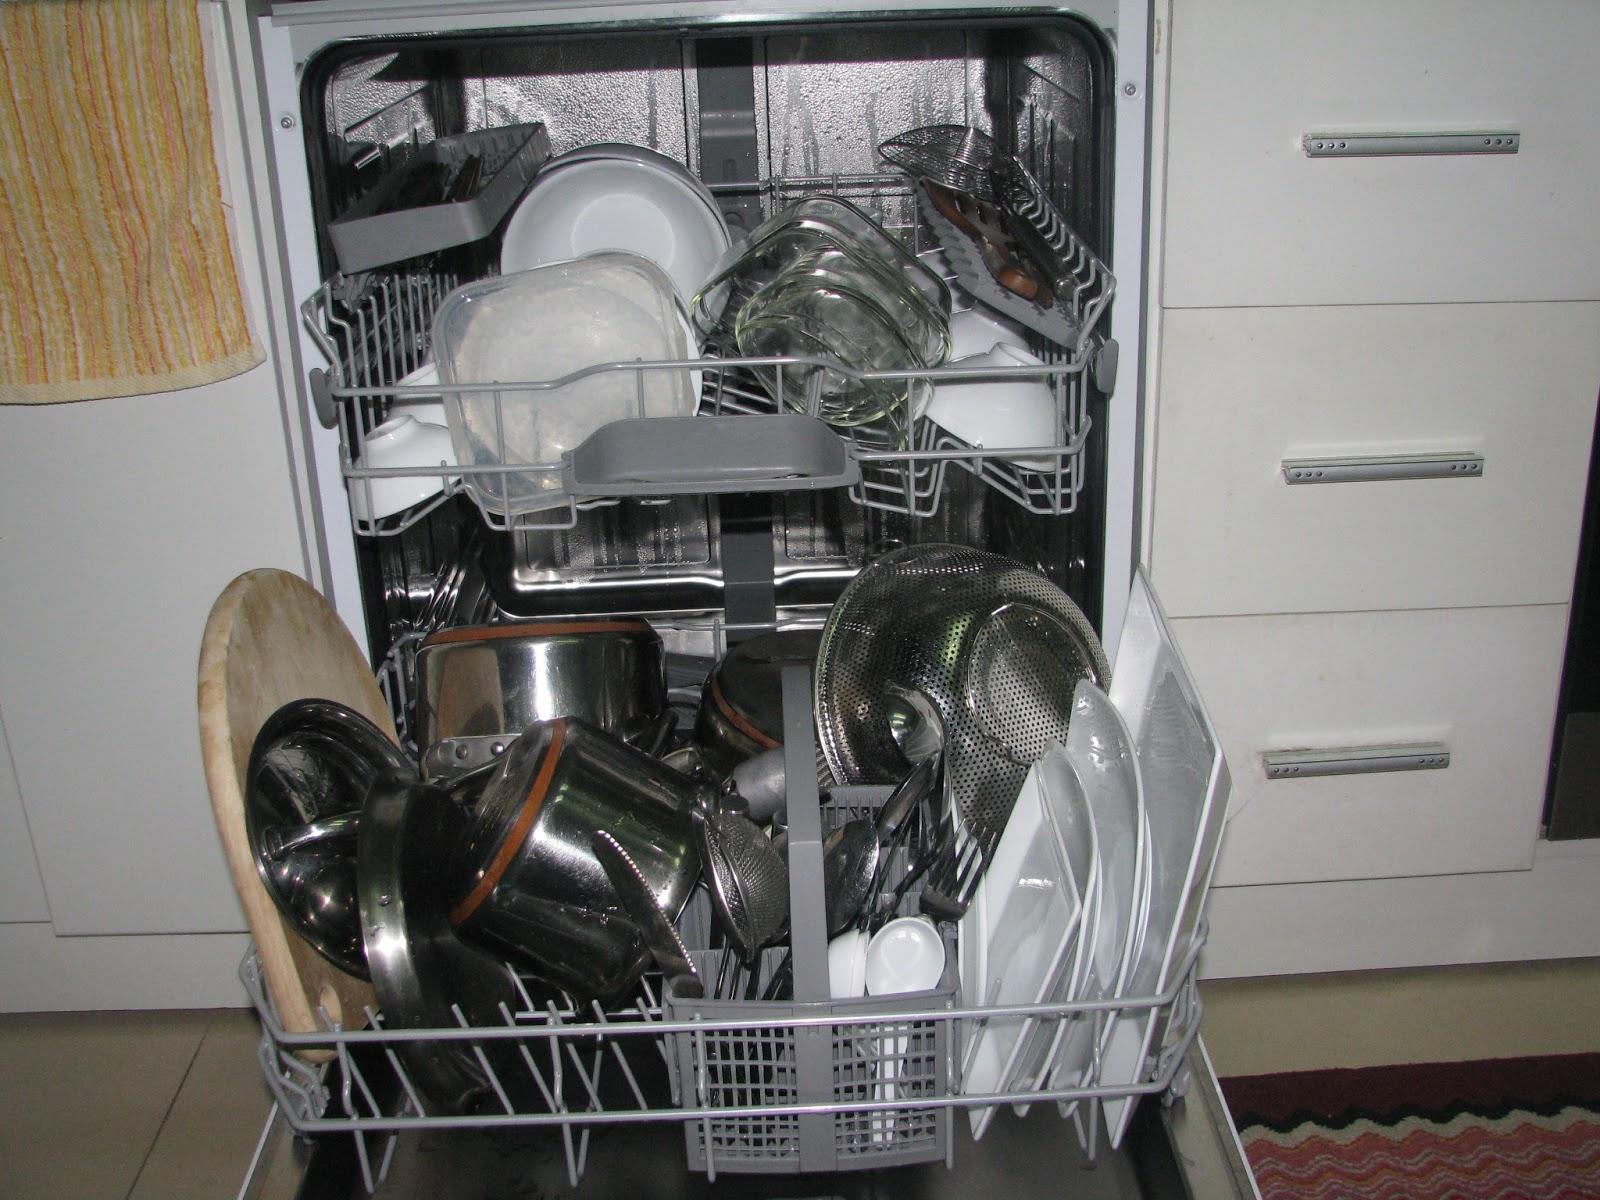 chọn máy rửa bát nào tốt